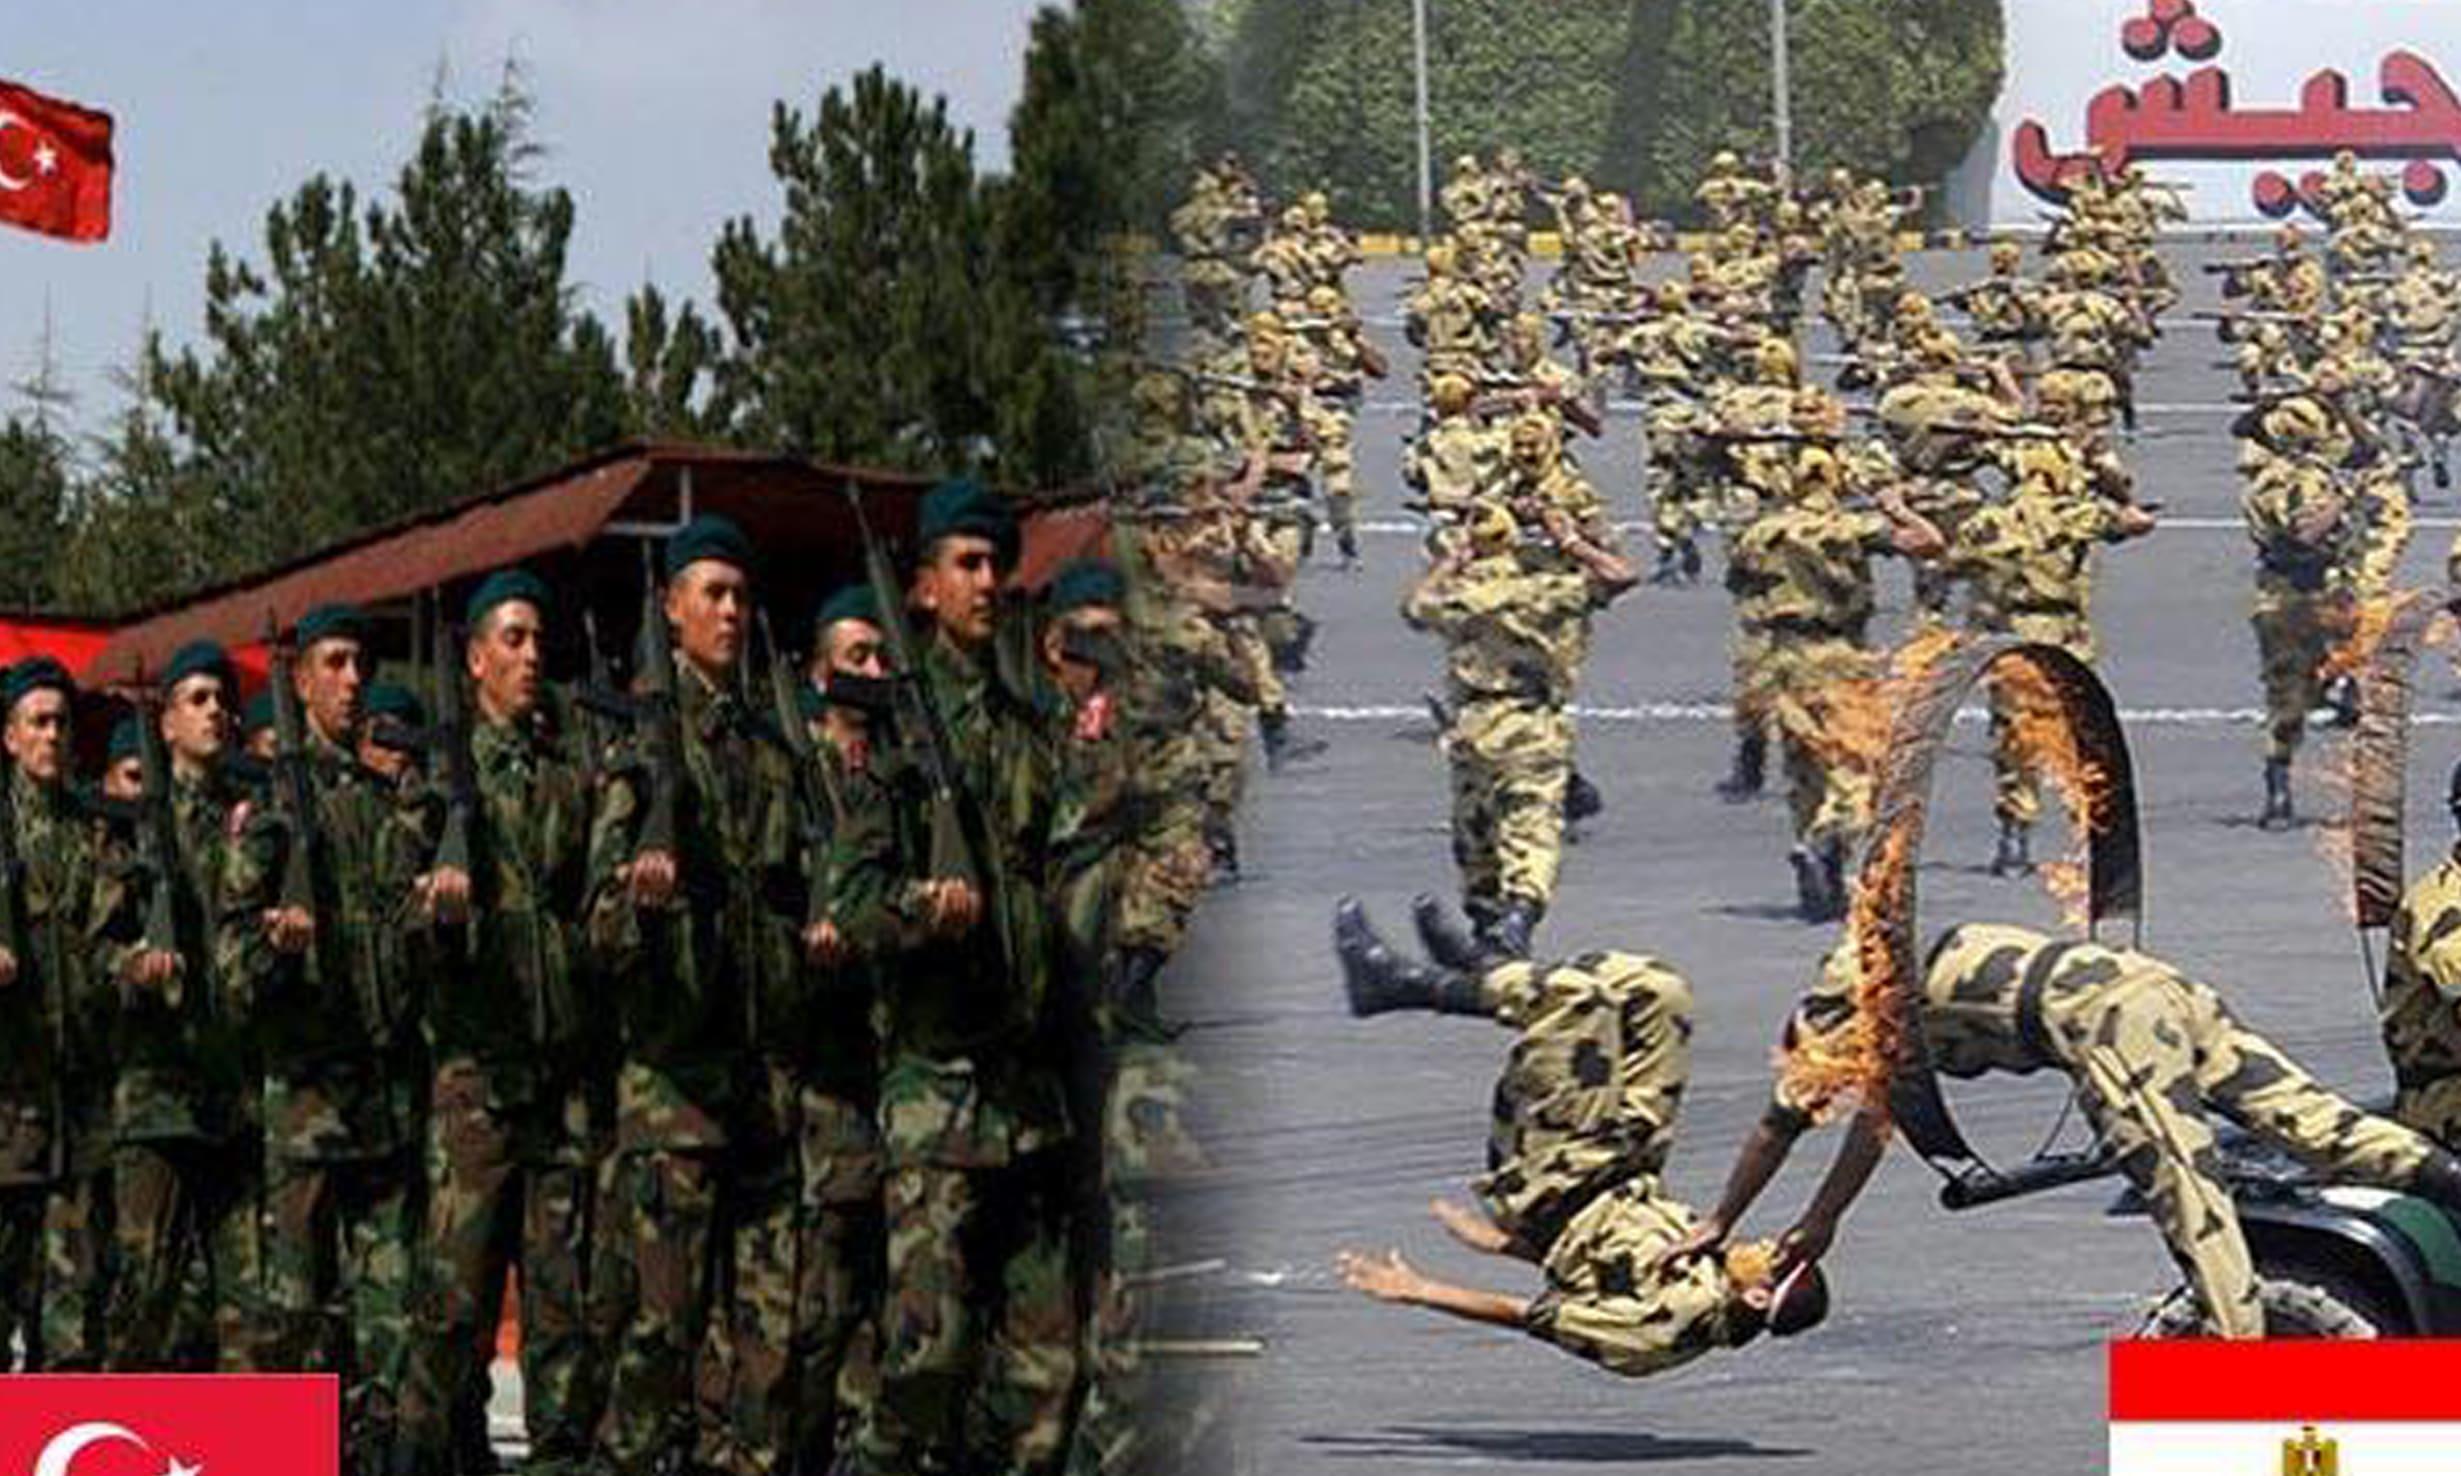 بالصور اقوي جيش في العالم , قائمة باقوي الجيوش في العالم 2968 2